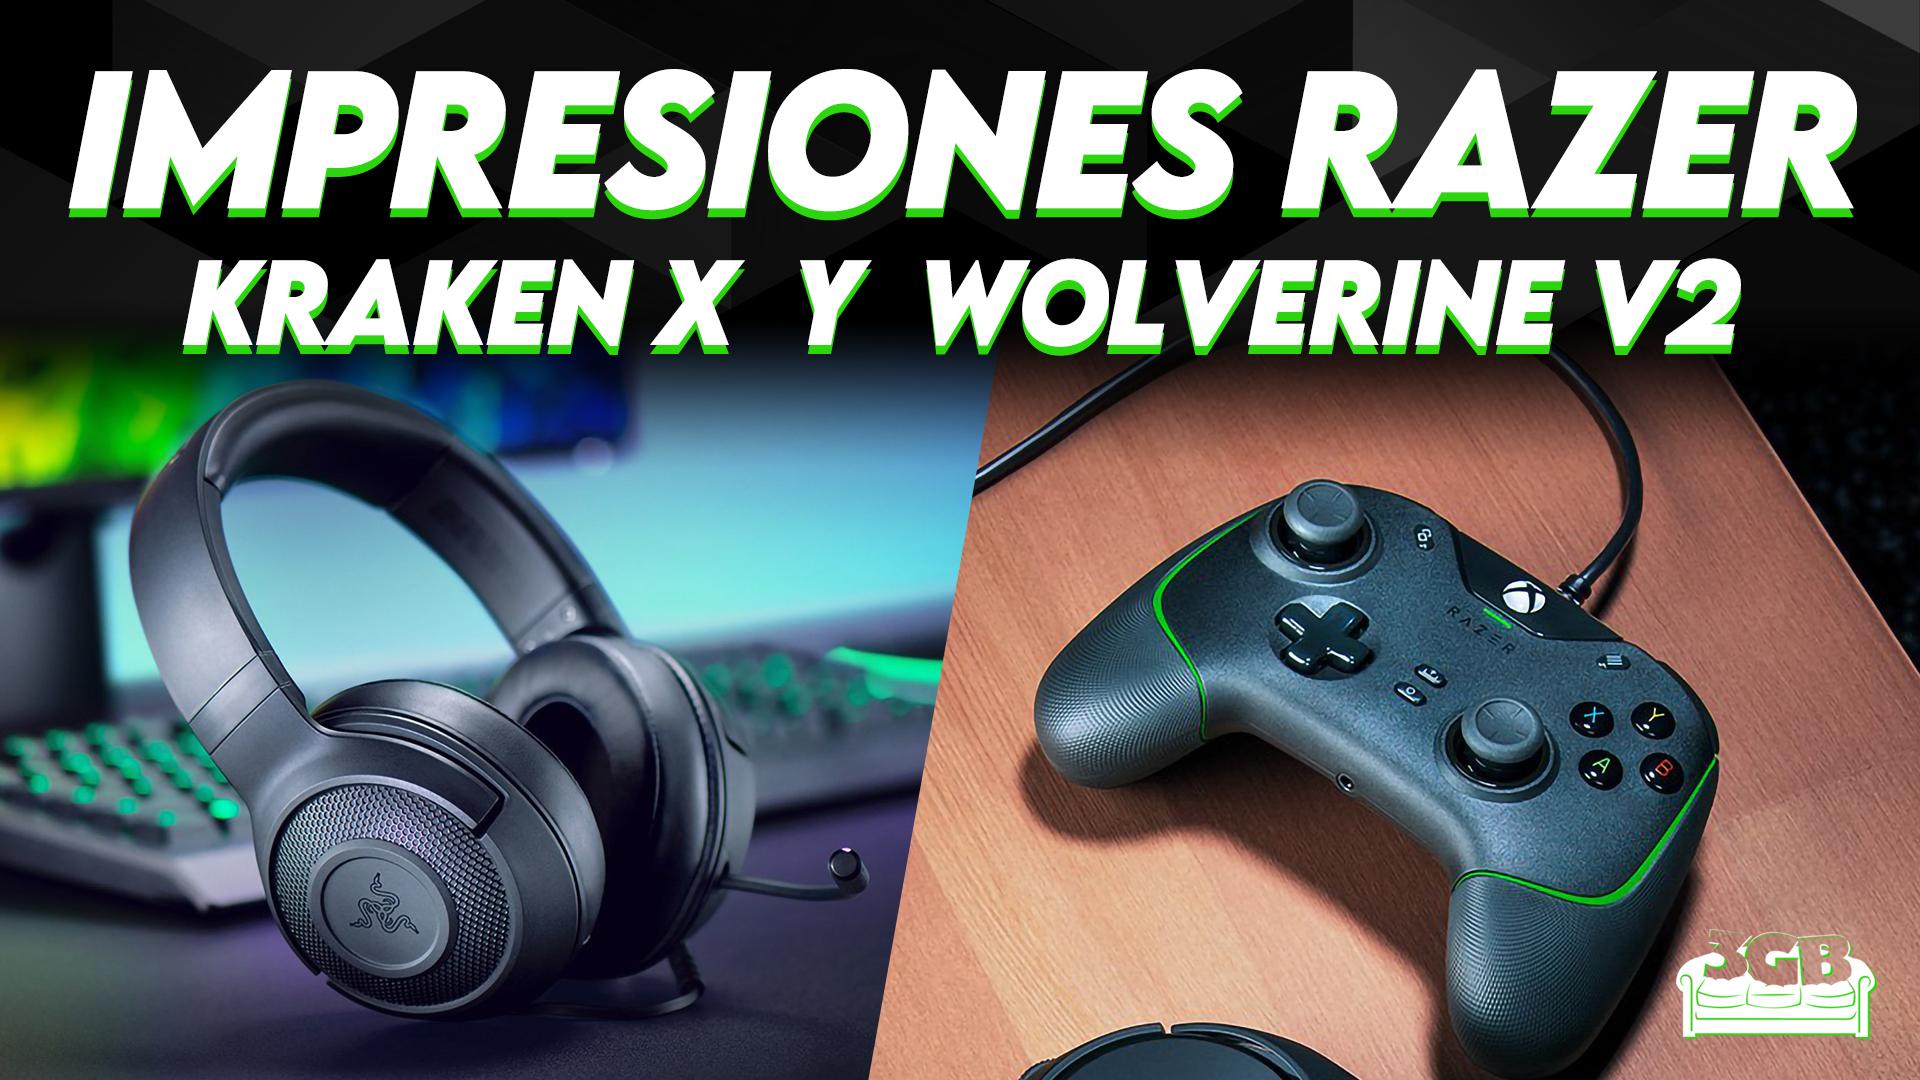 Impresiones Razer Kraken X y Razer Wolverine V2